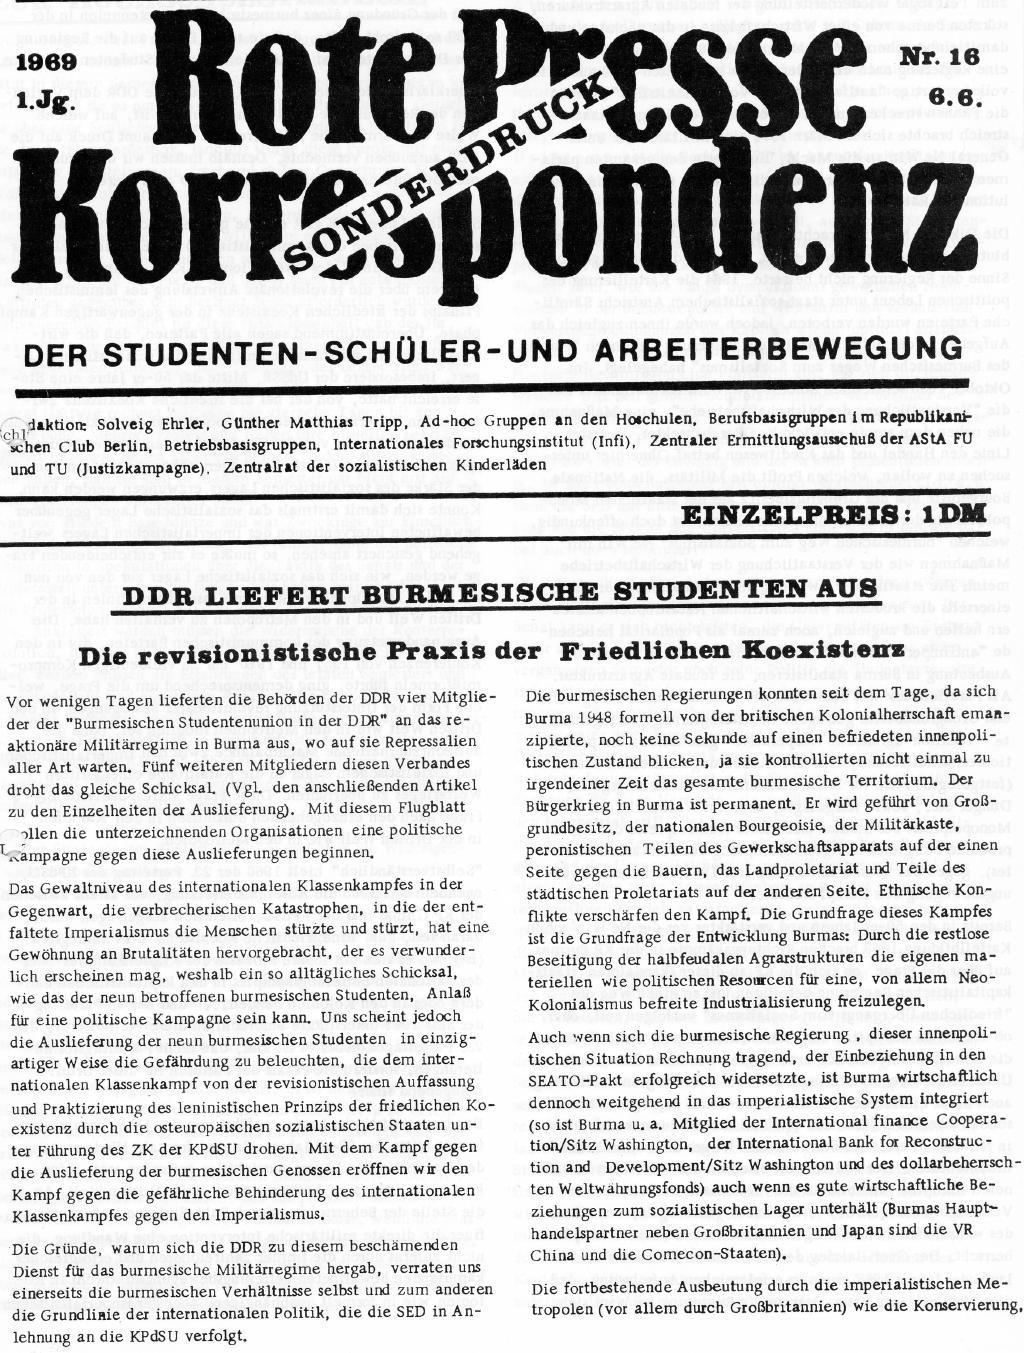 RPK_1969_Sonder04_01